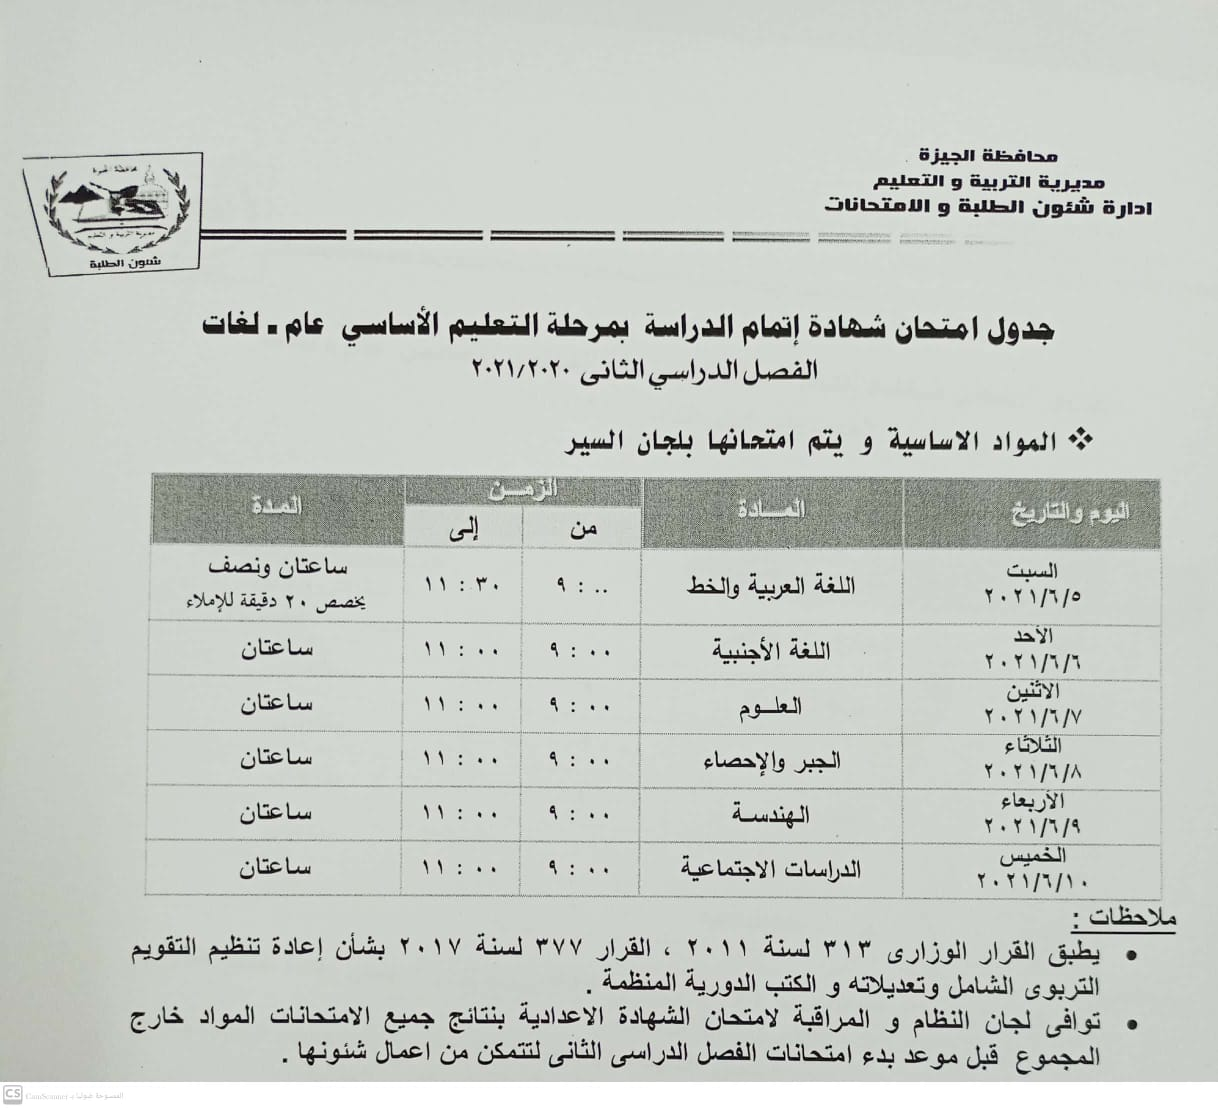 جدول امتحانات الشهادة الاعدادبة الترم الثانى 2021 (محافظة الجيزة)